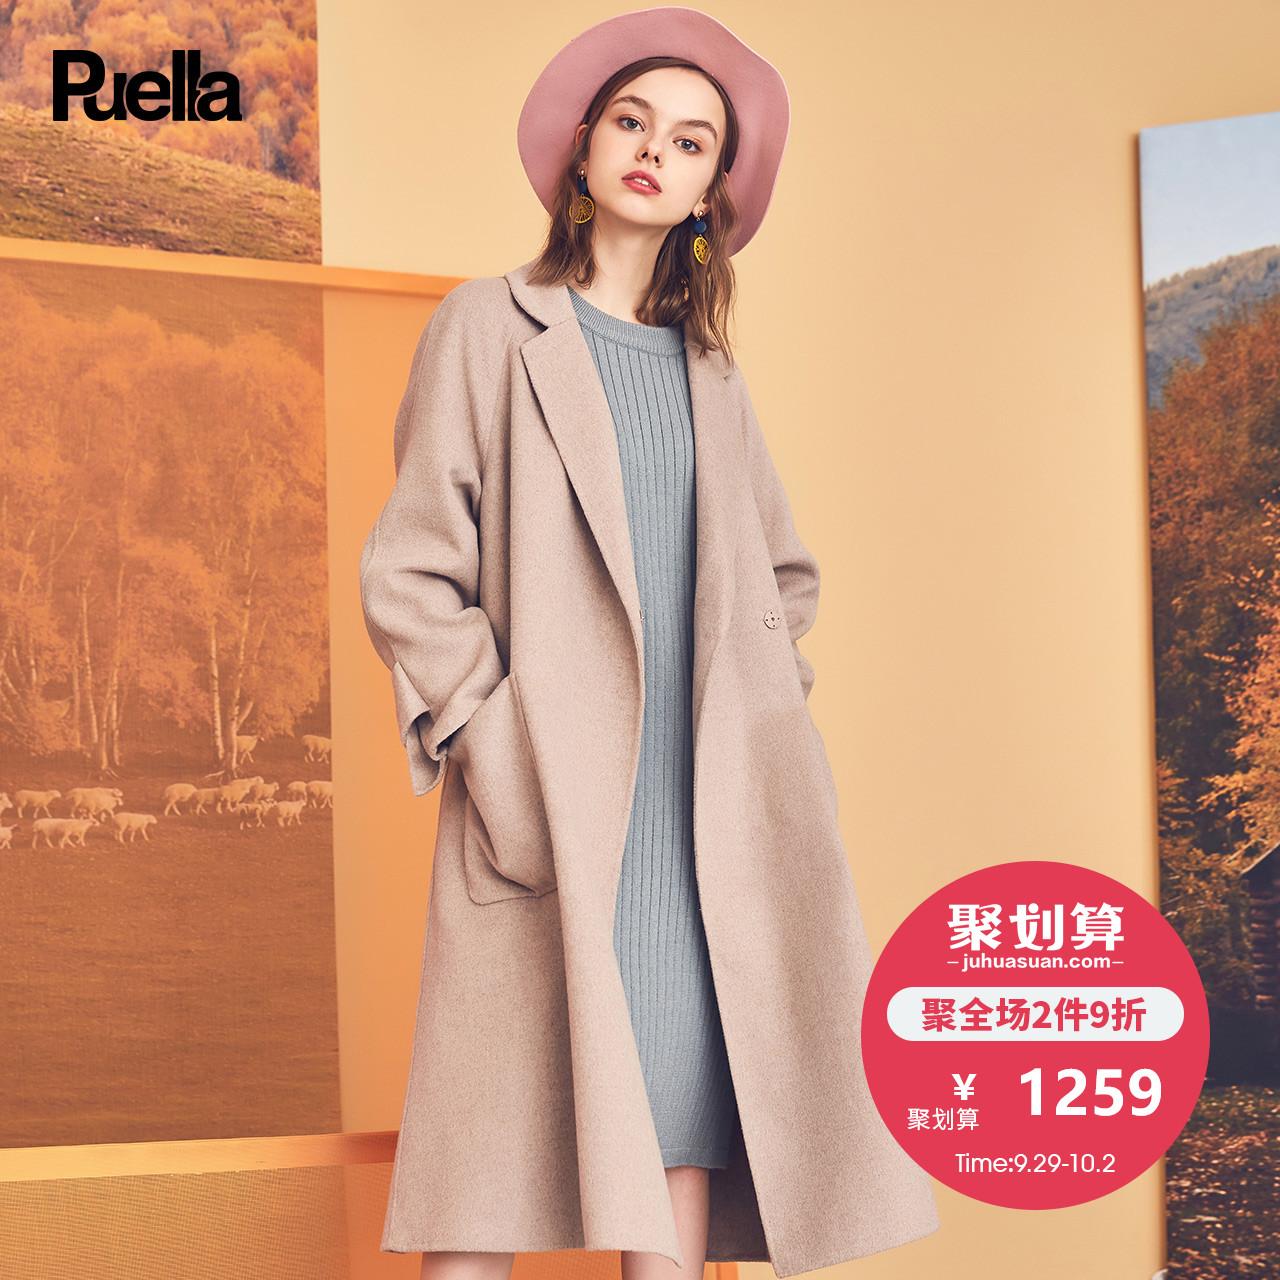 毛呢外套女中长款韩版2018新款羊毛女学生秋冬装加厚双面呢子大衣